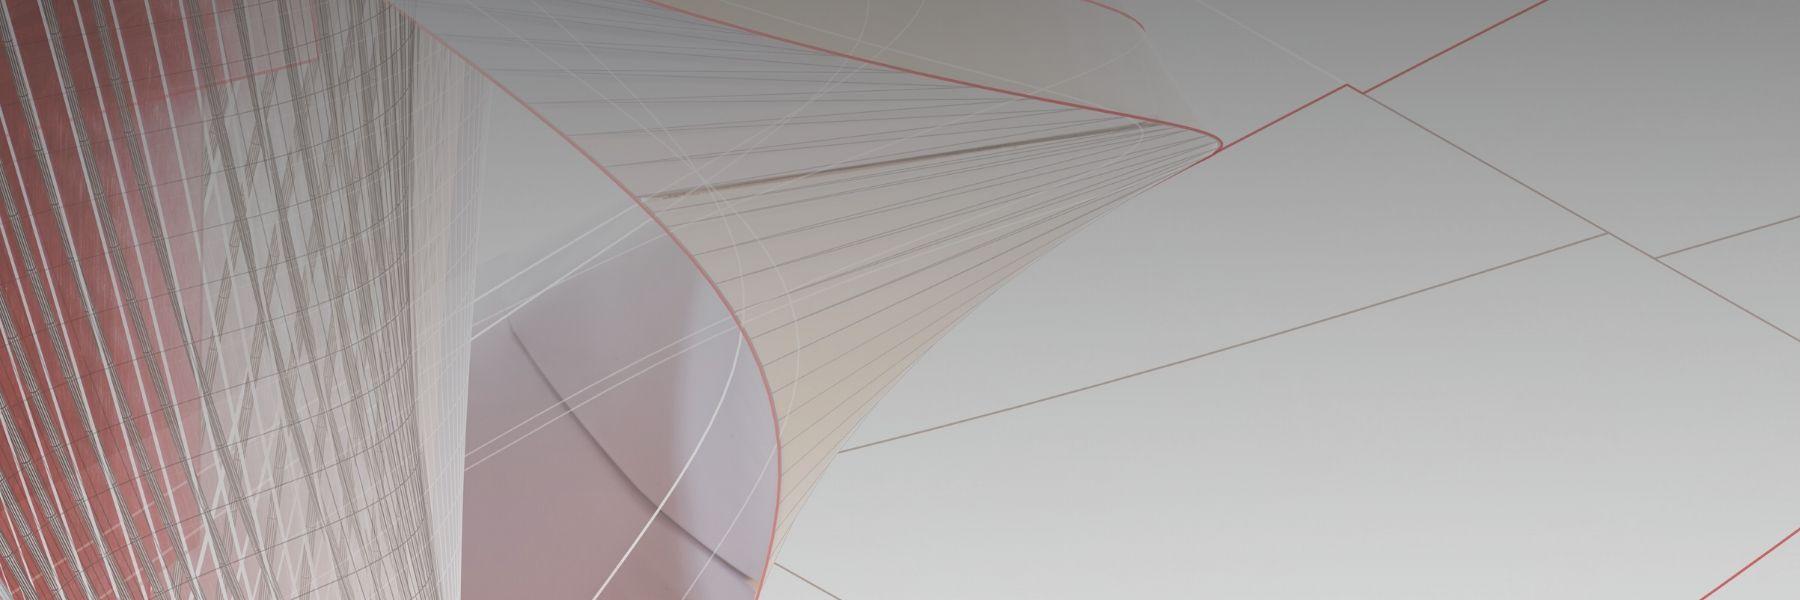 Autodesk Flash Promo Sconto su nuovo abbonamento AutoCAD LT